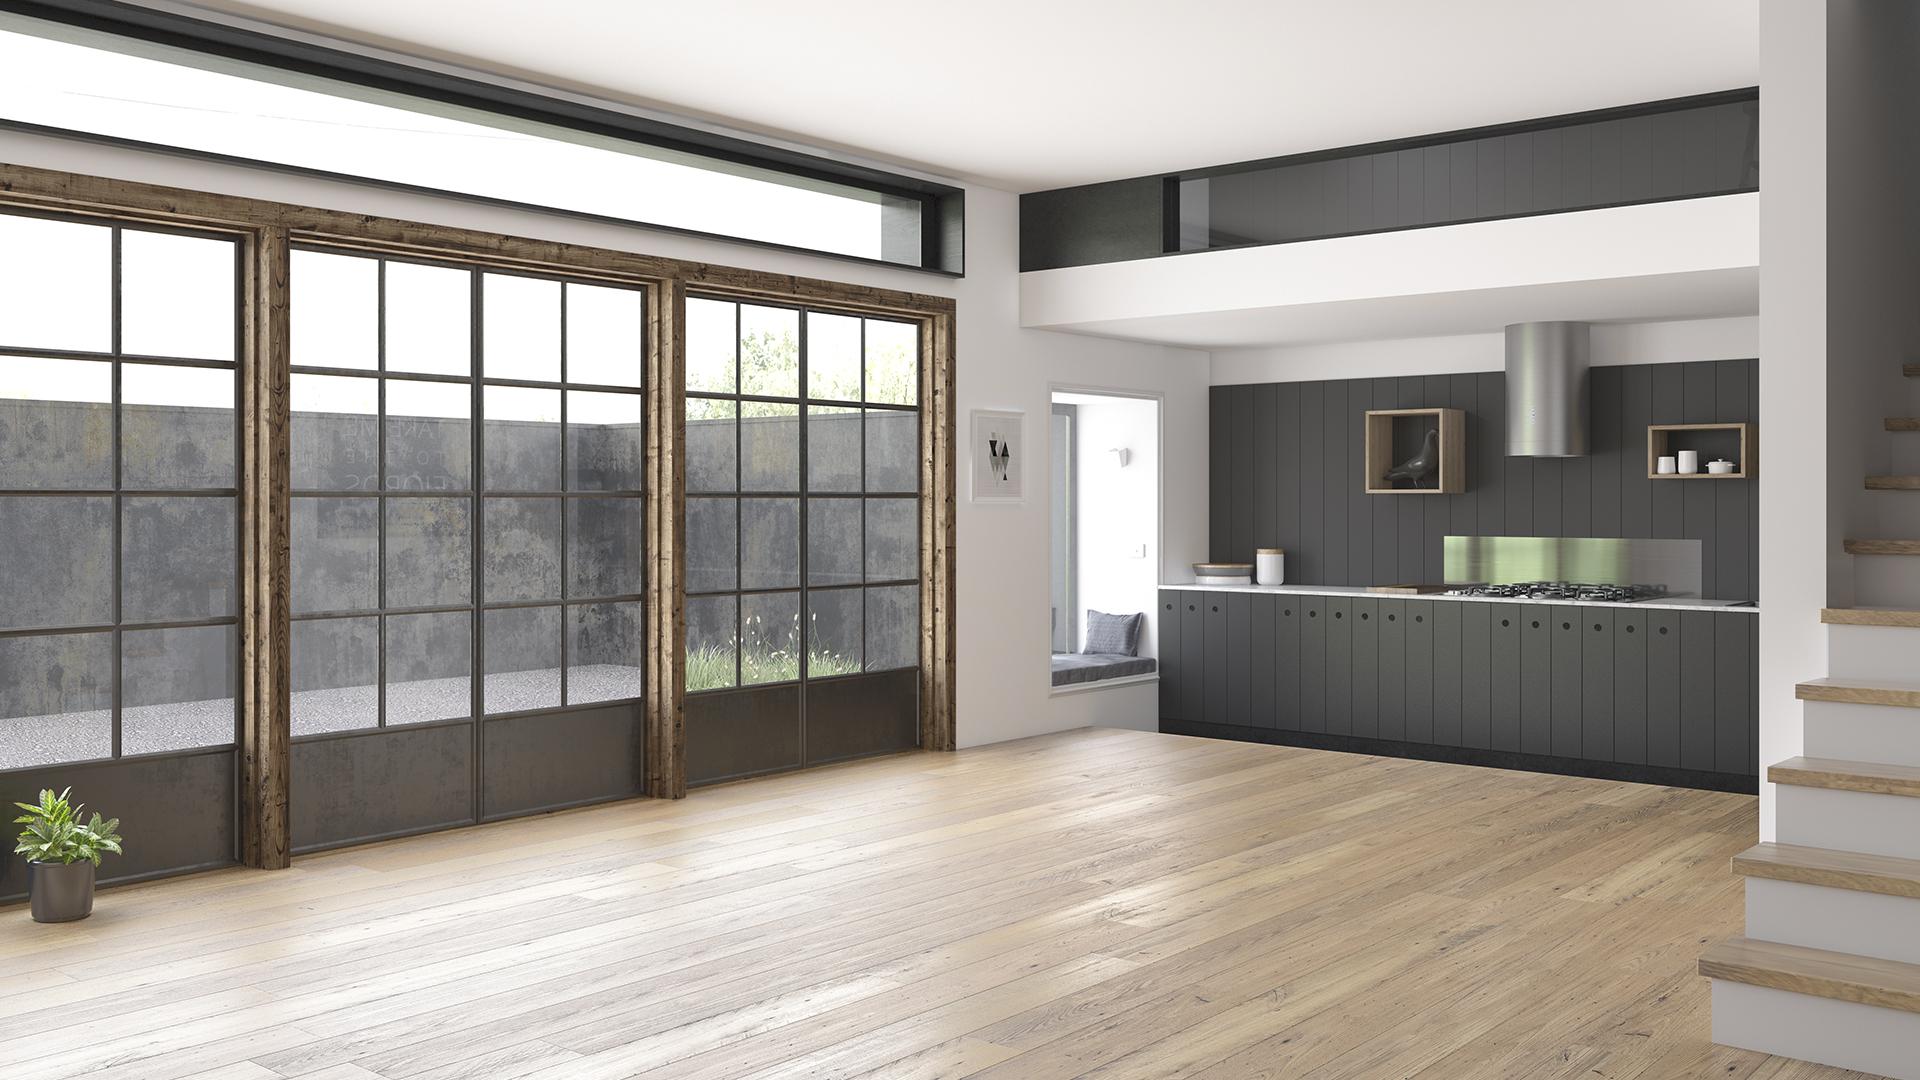 simulacion 3d casa vivienda decoración render